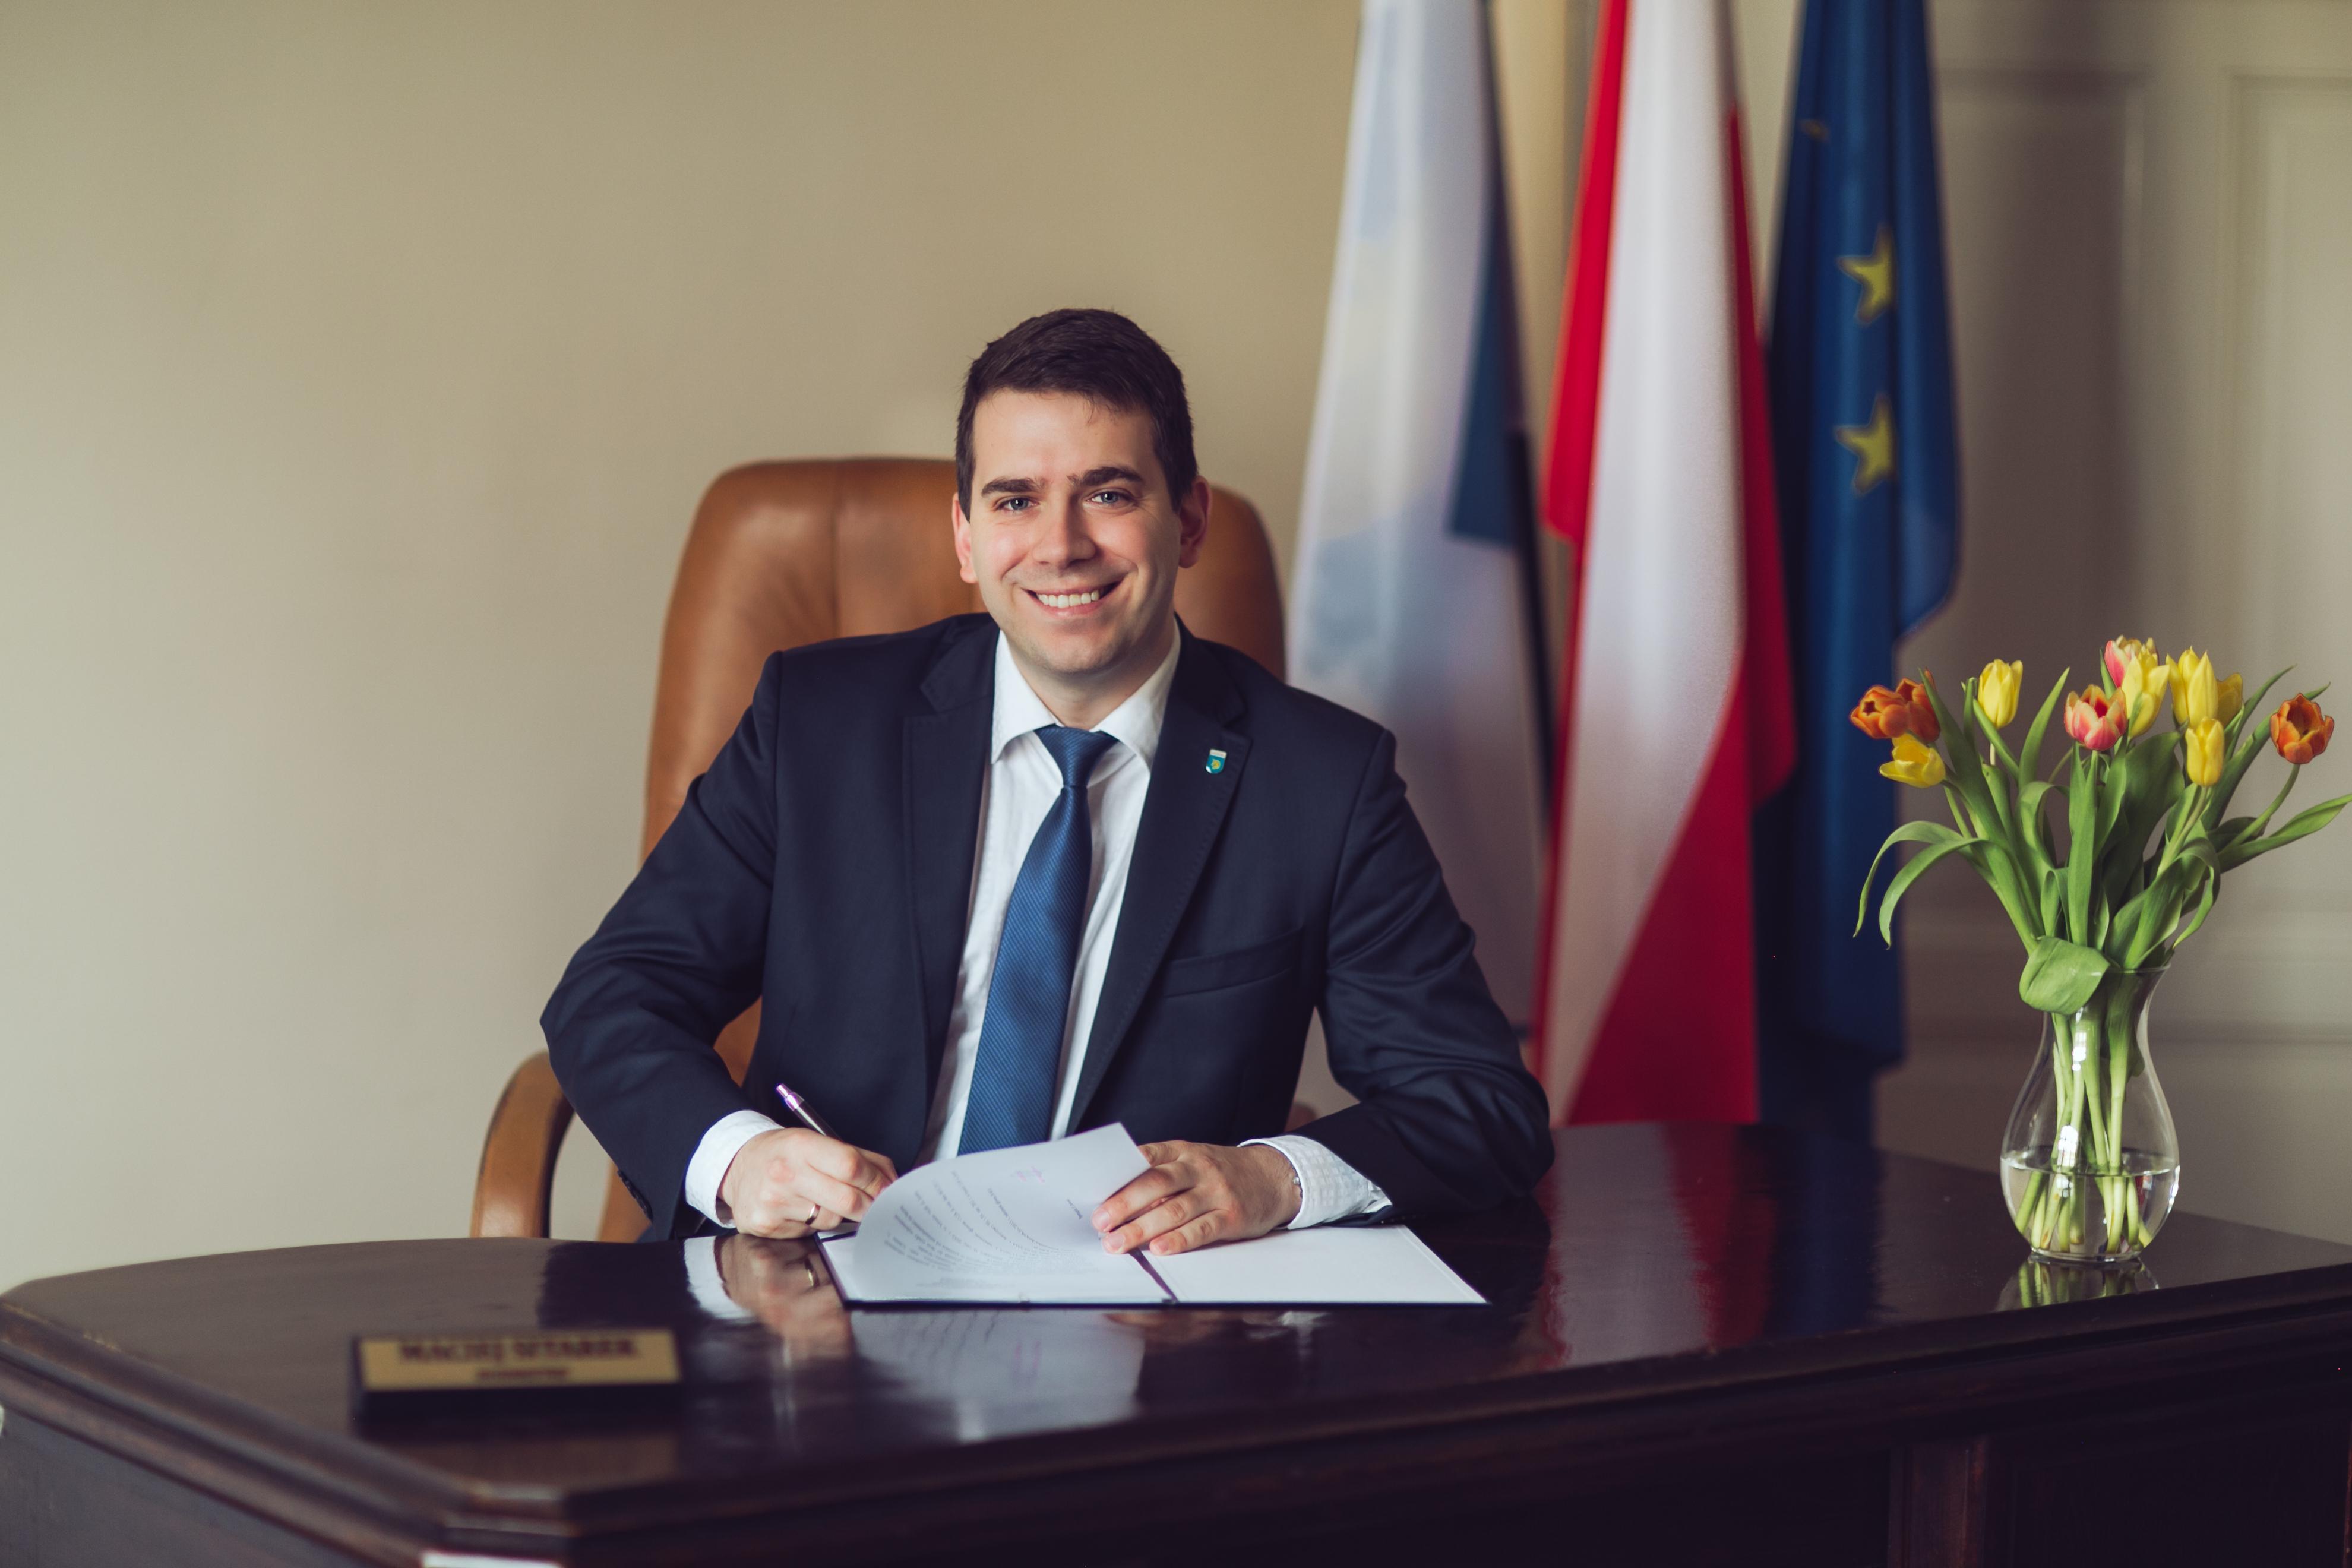 Burmistrz Lidzbarka Maciej Sitarek